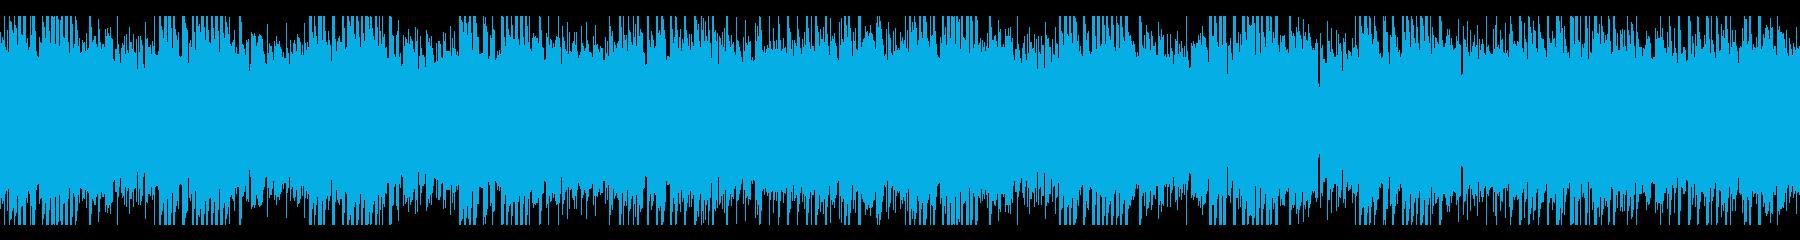 ピコピコゲーム アミューズメント8Bitの再生済みの波形